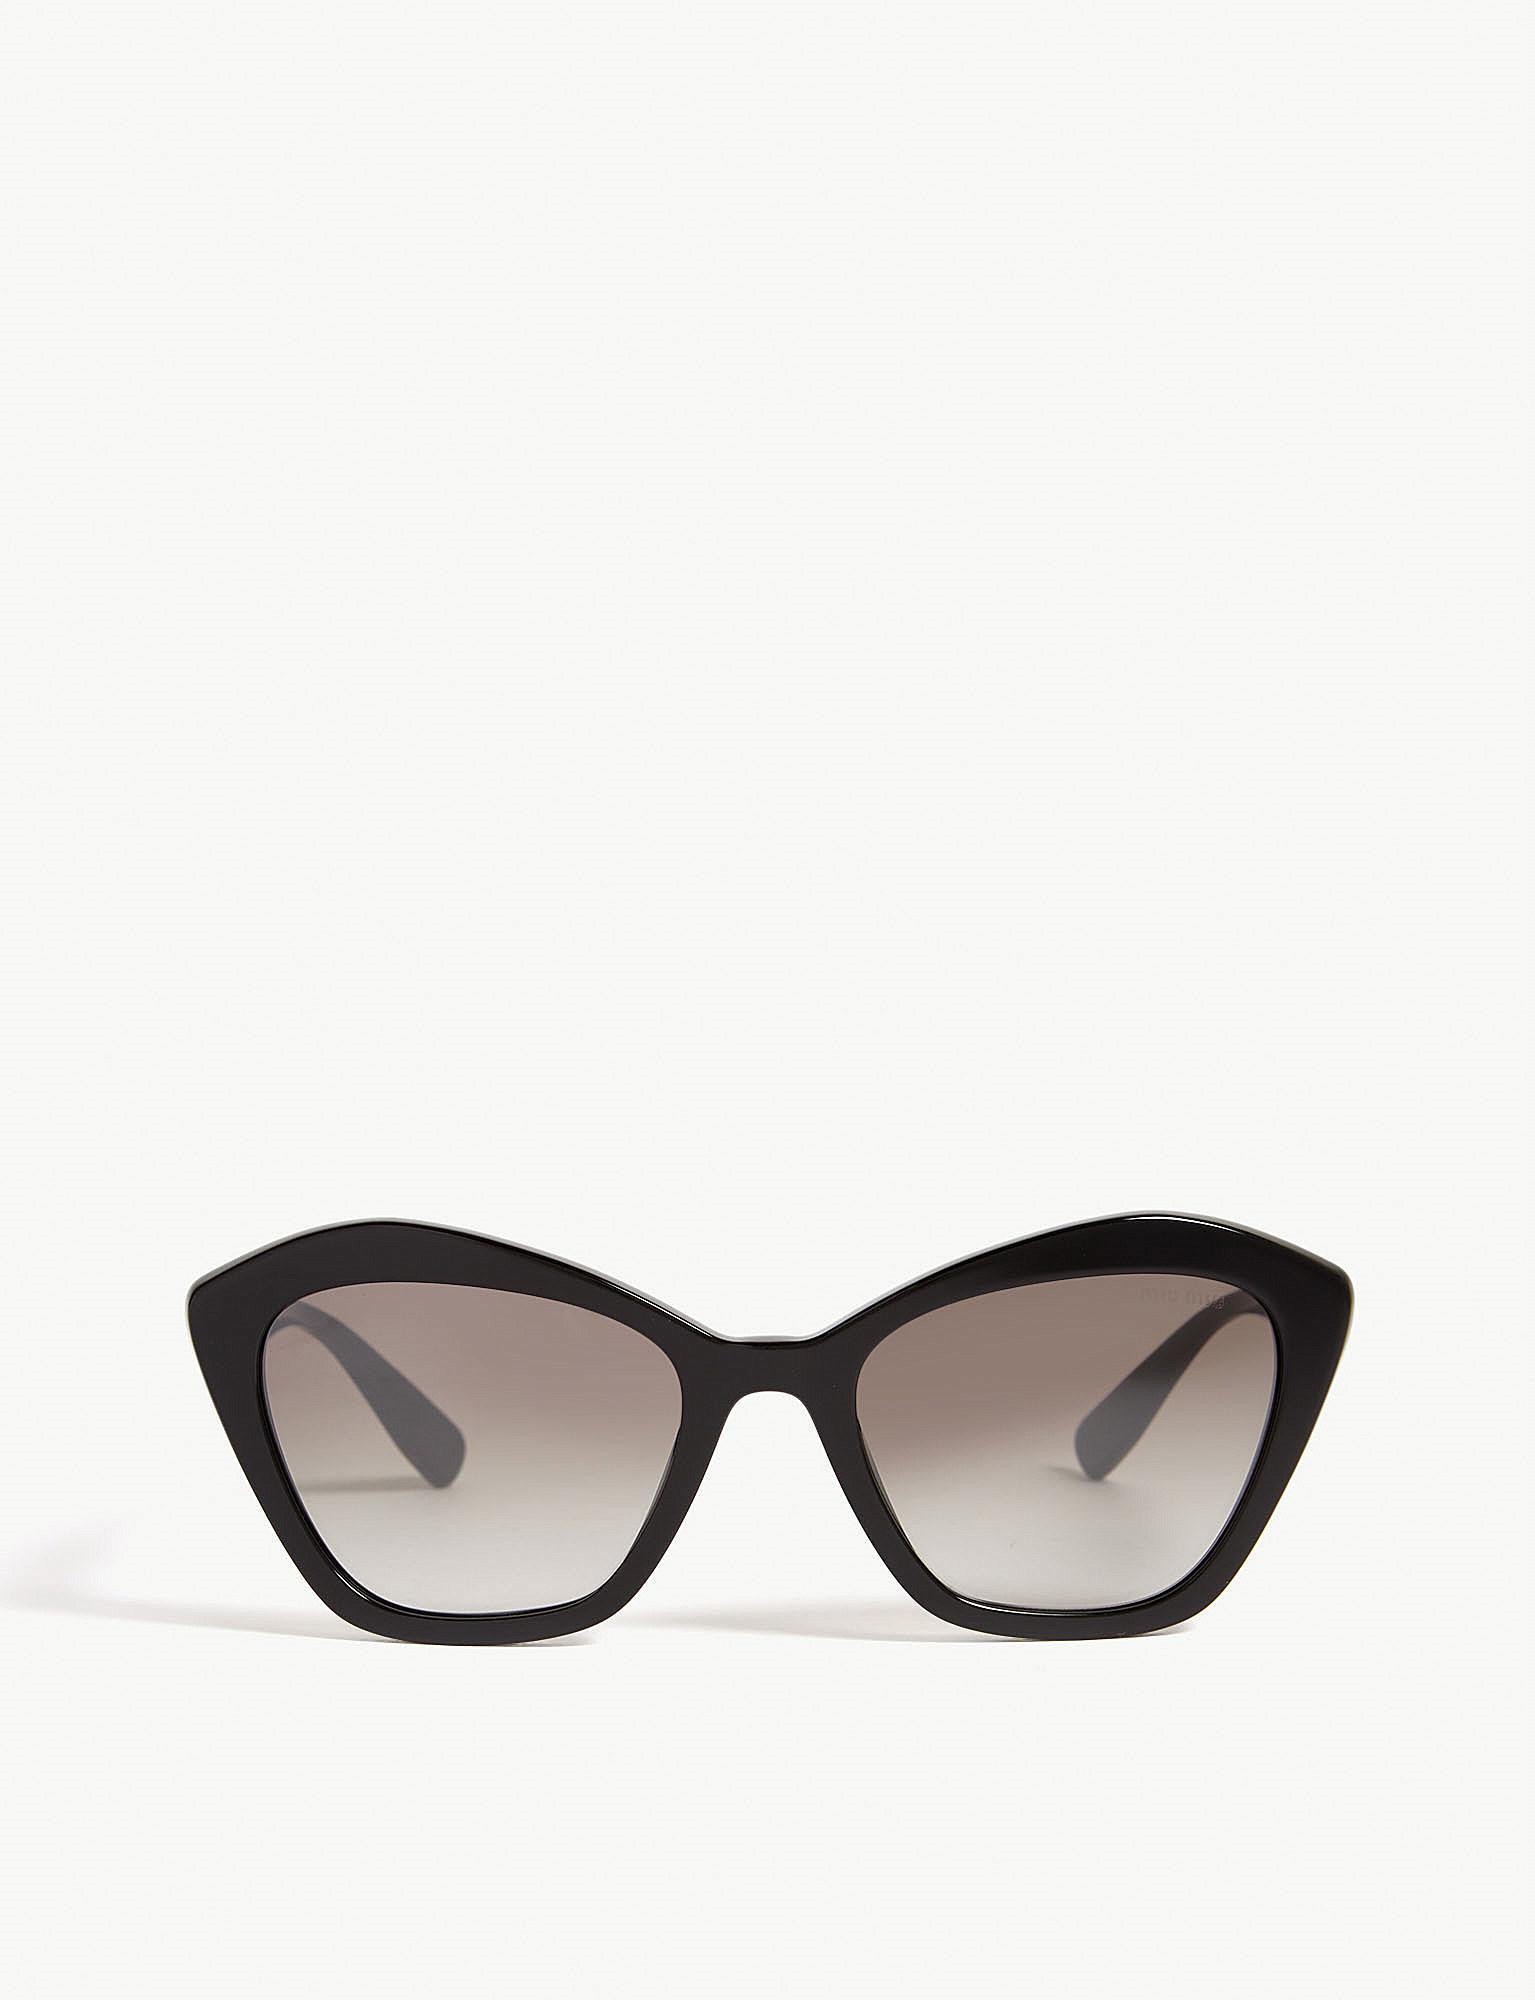 112043ccbcf4 Lyst - Miu Miu Mu05u Cat-eye-frame Sunglasses in Black